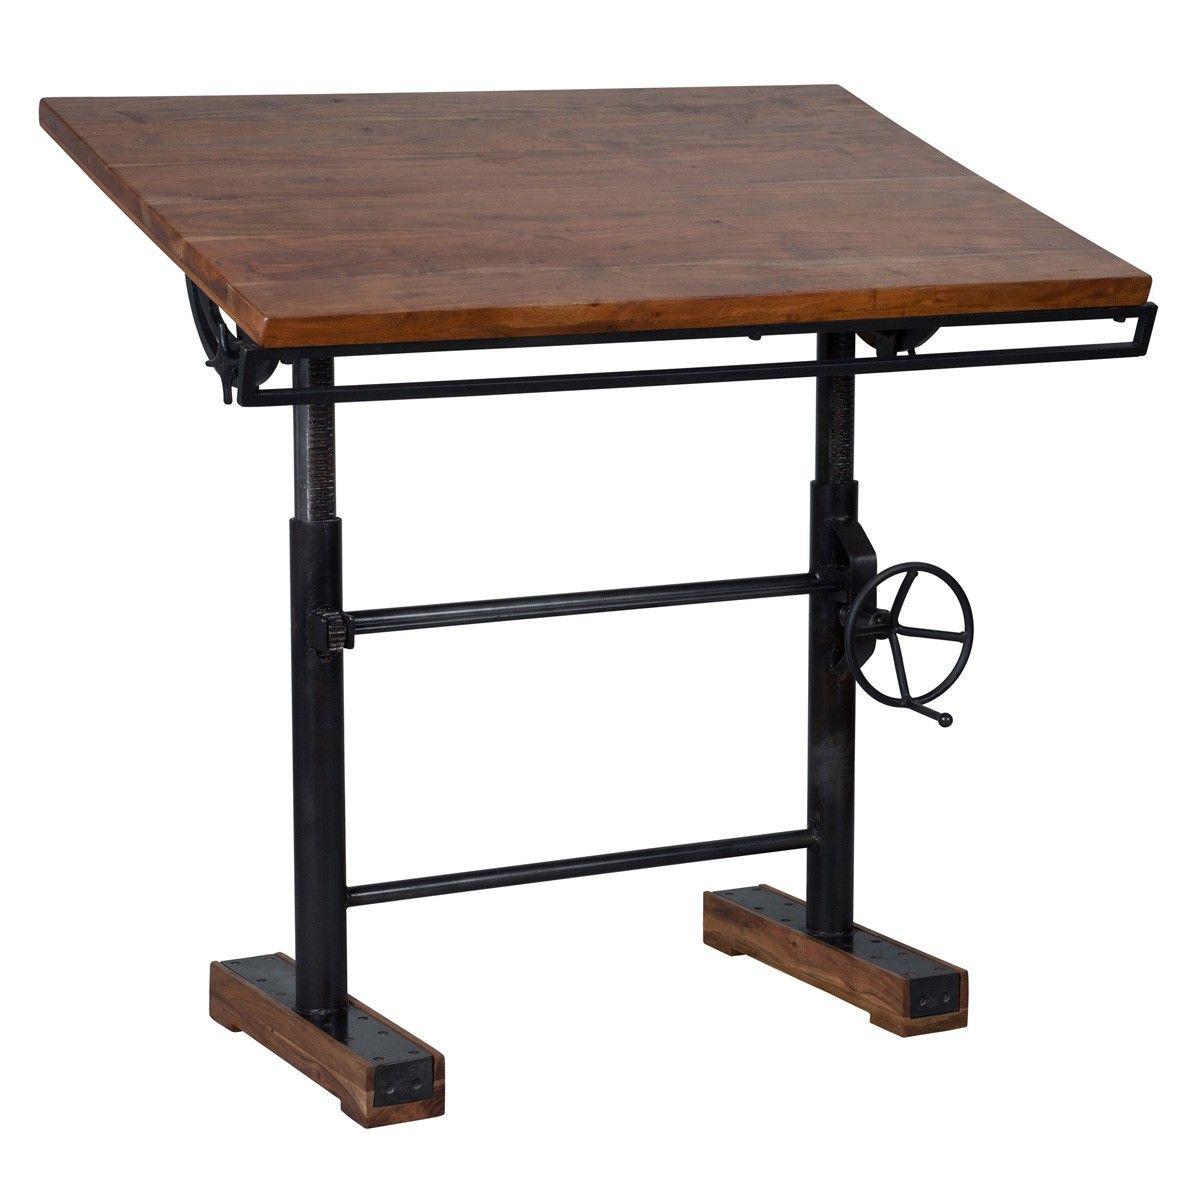 Lloyd Adjustable Desk Desks Furniture Products Handcrafted